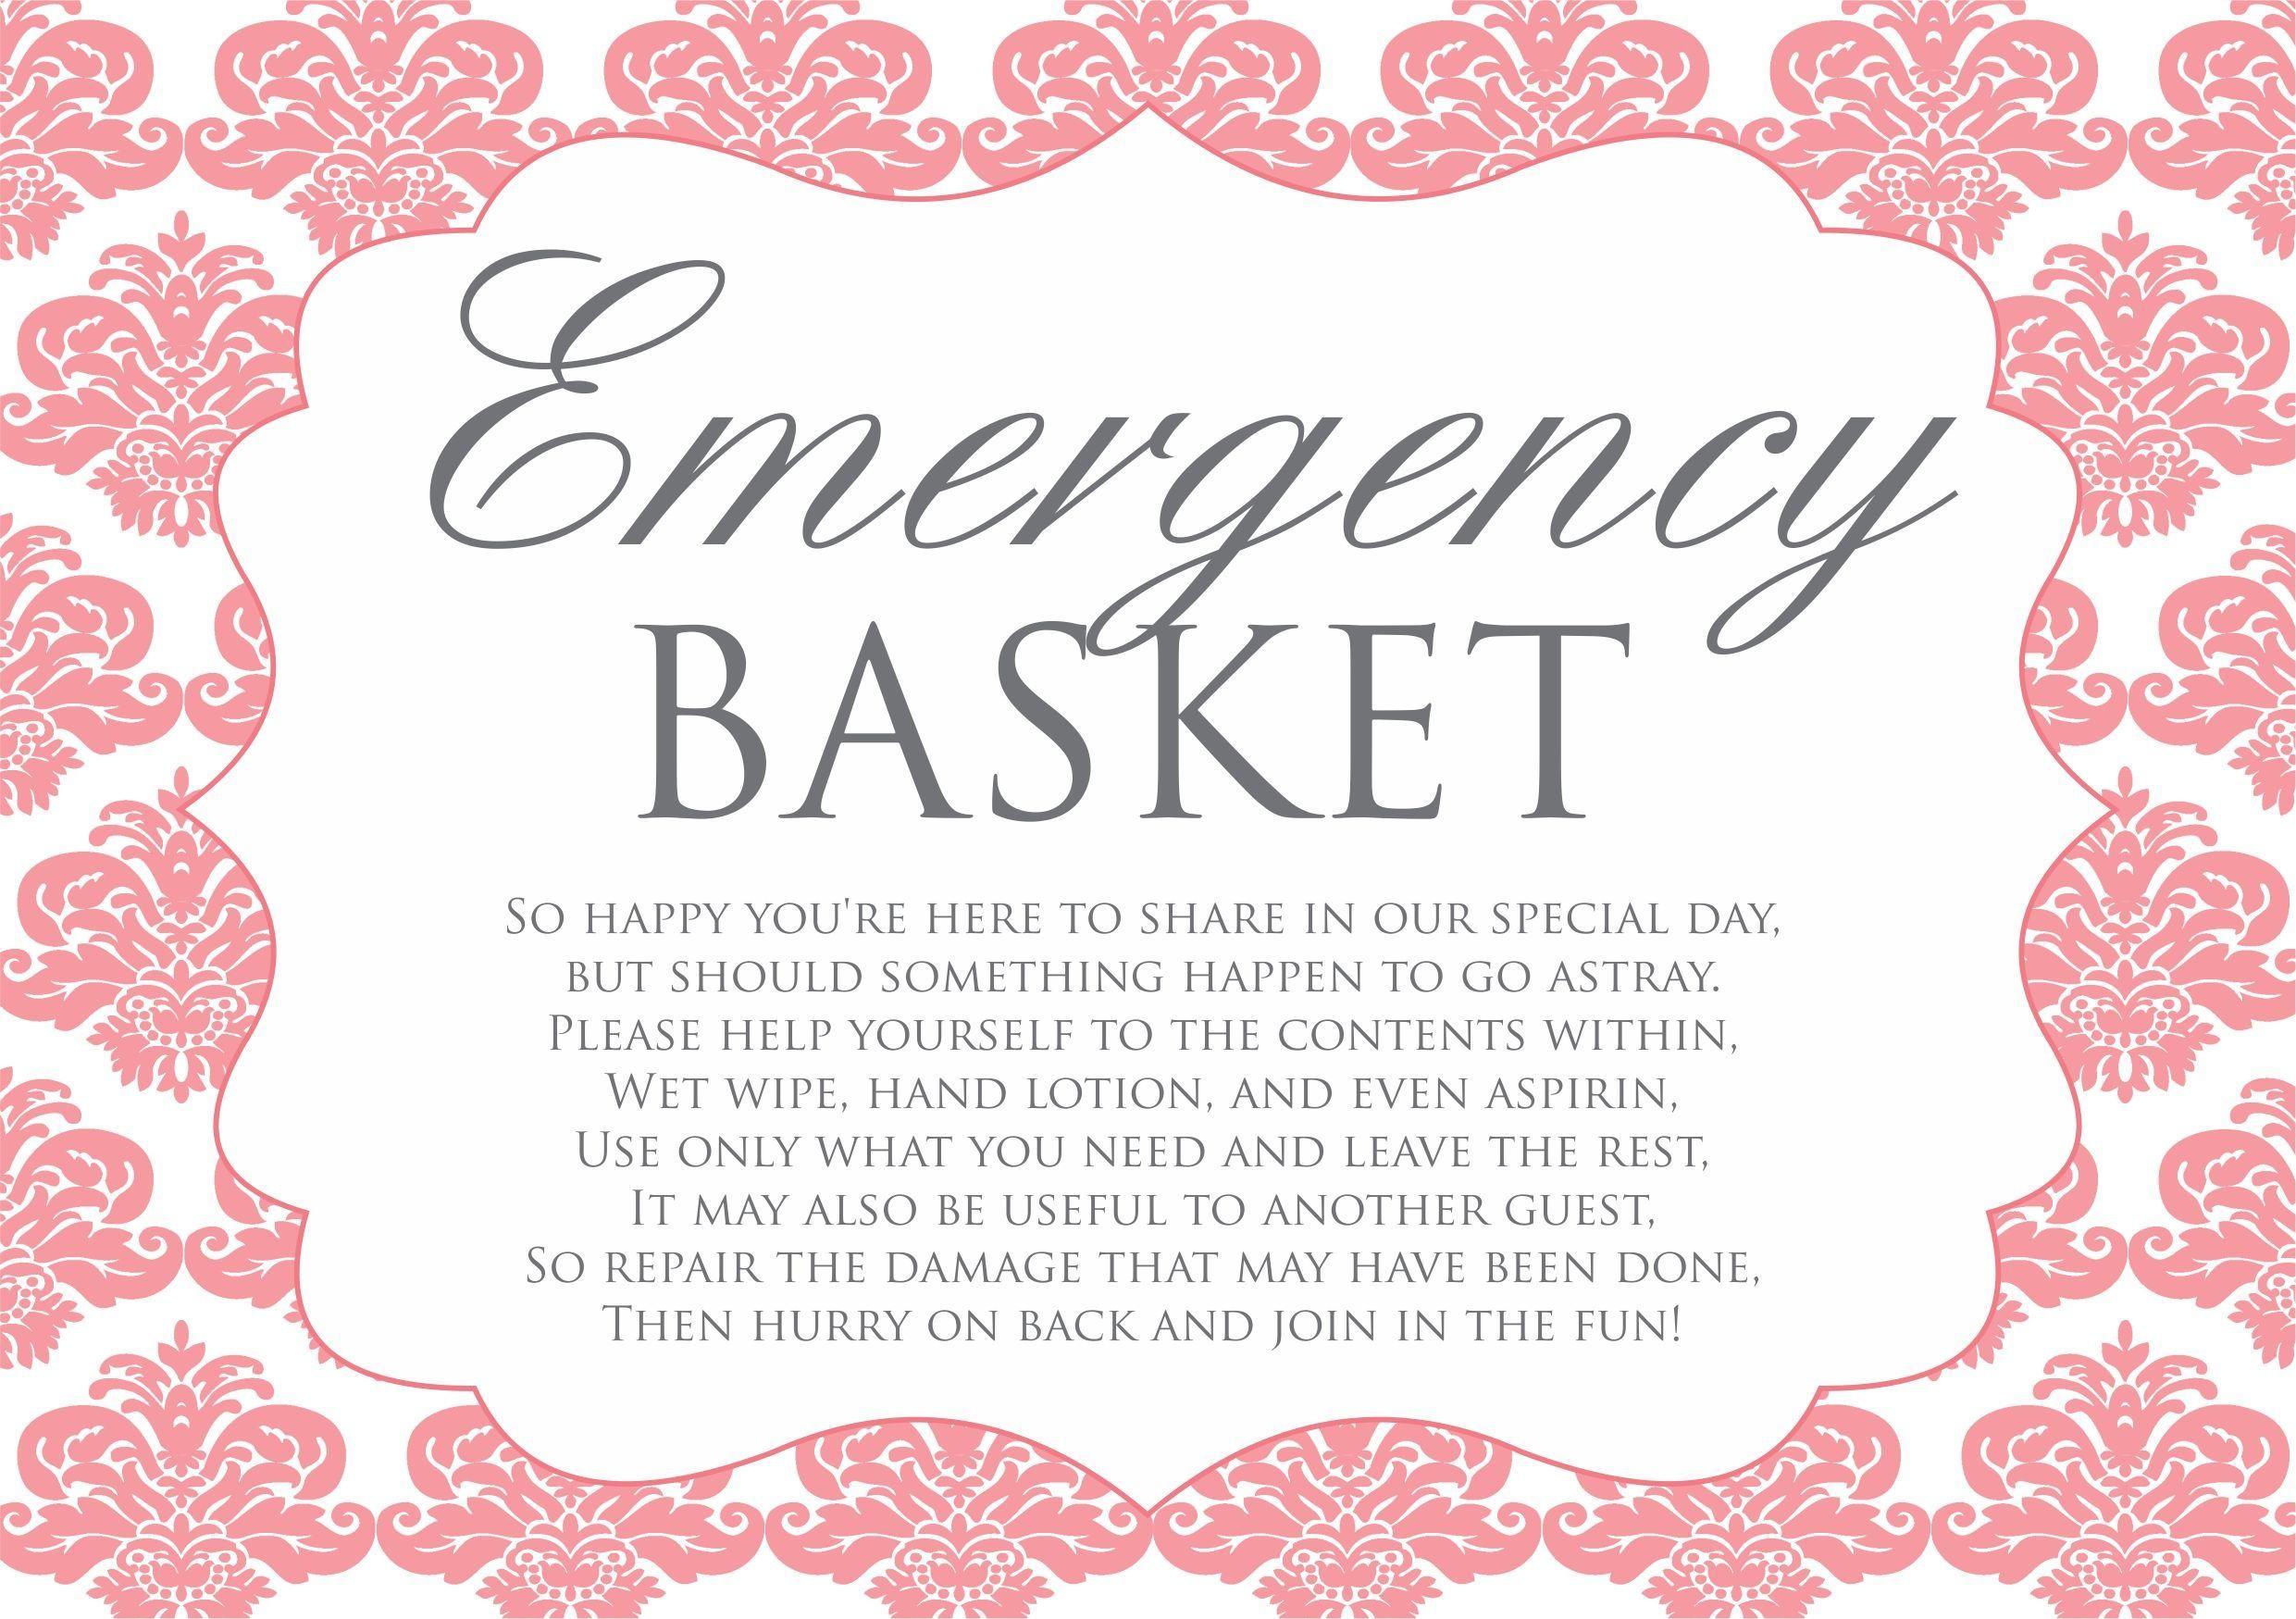 Delightful Bathroom Baskets For Weddings #6: 9795104ab4972d4387446f2d40cc7a8d.jpg